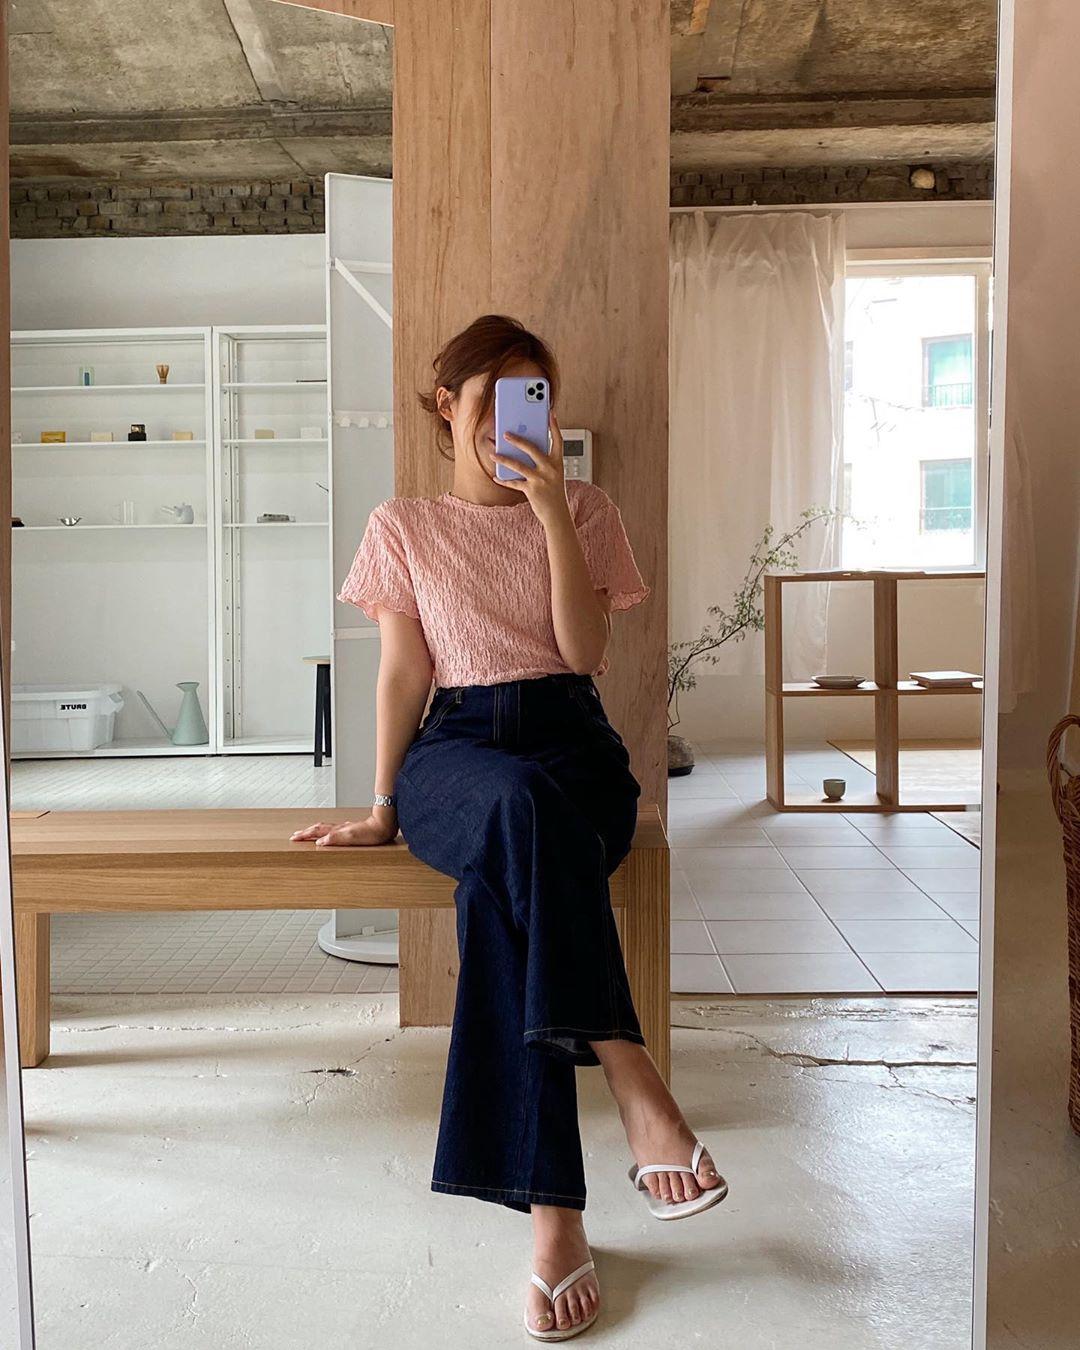 Mê quần jeans nhưng sợ phát ngốt vì nắng hè, chị em cứ nhắm trúng 4 kiểu dáng thoải mái sau mà diện - Ảnh 7